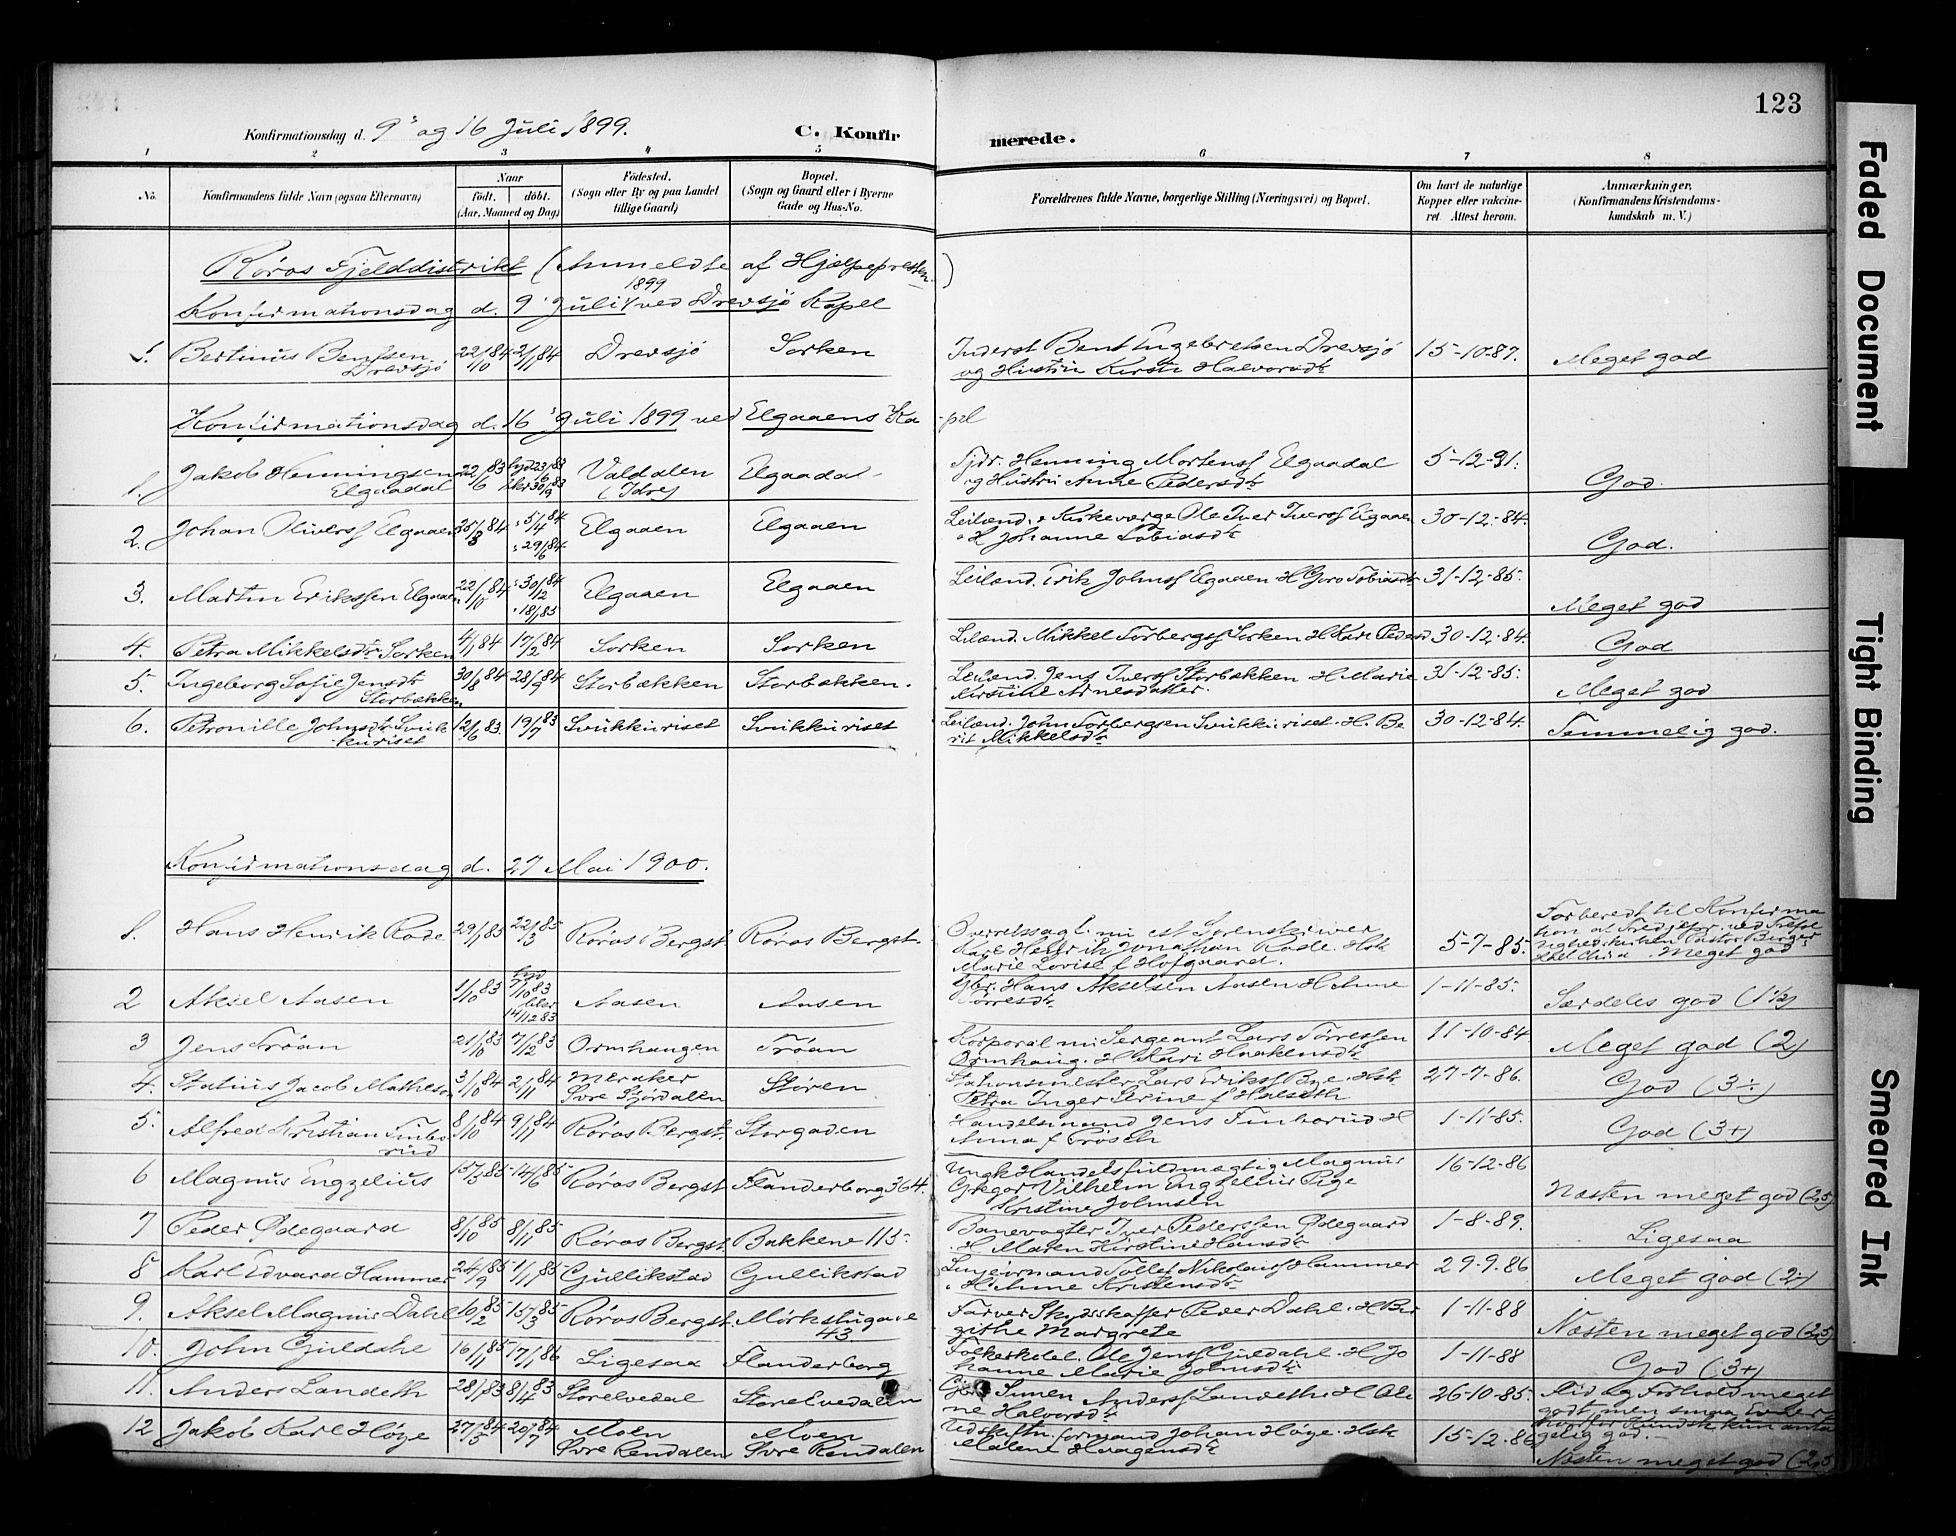 SAT, Ministerialprotokoller, klokkerbøker og fødselsregistre - Sør-Trøndelag, 681/L0936: Ministerialbok nr. 681A14, 1899-1908, s. 123